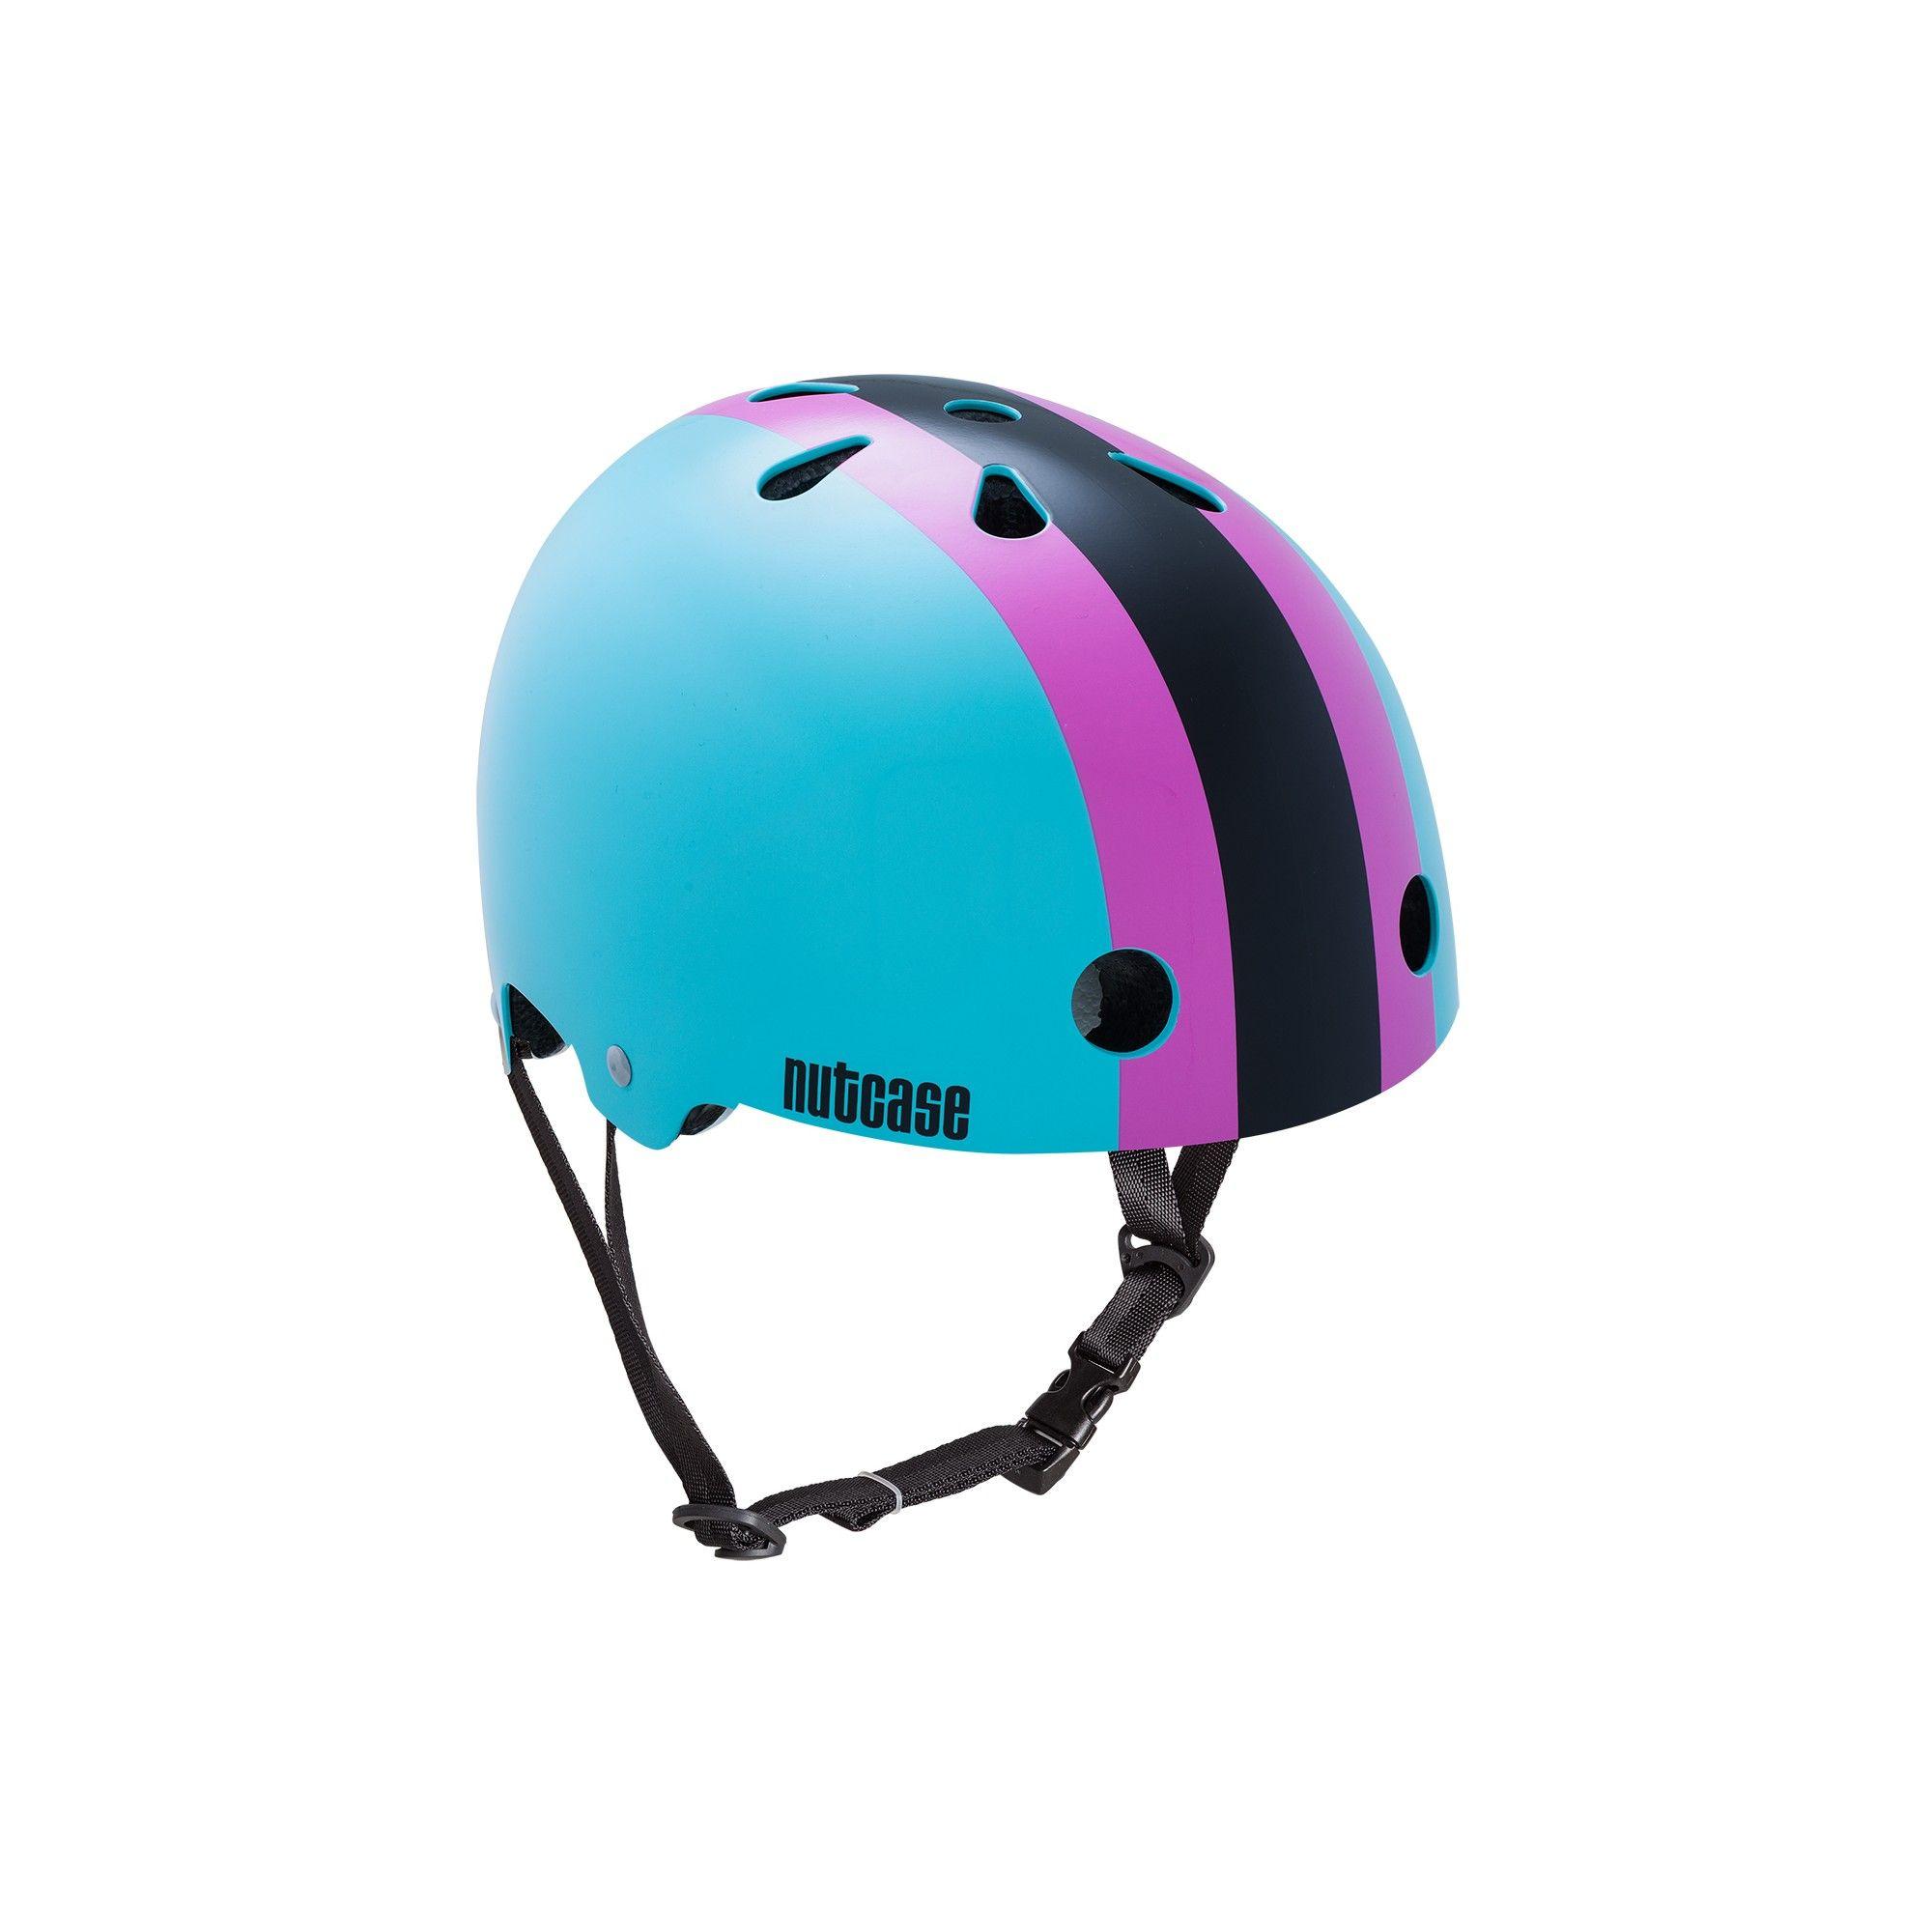 Nutcase Stripe Kids Helmet Teal Childrens Bike Helmets Helmet Roller Skating